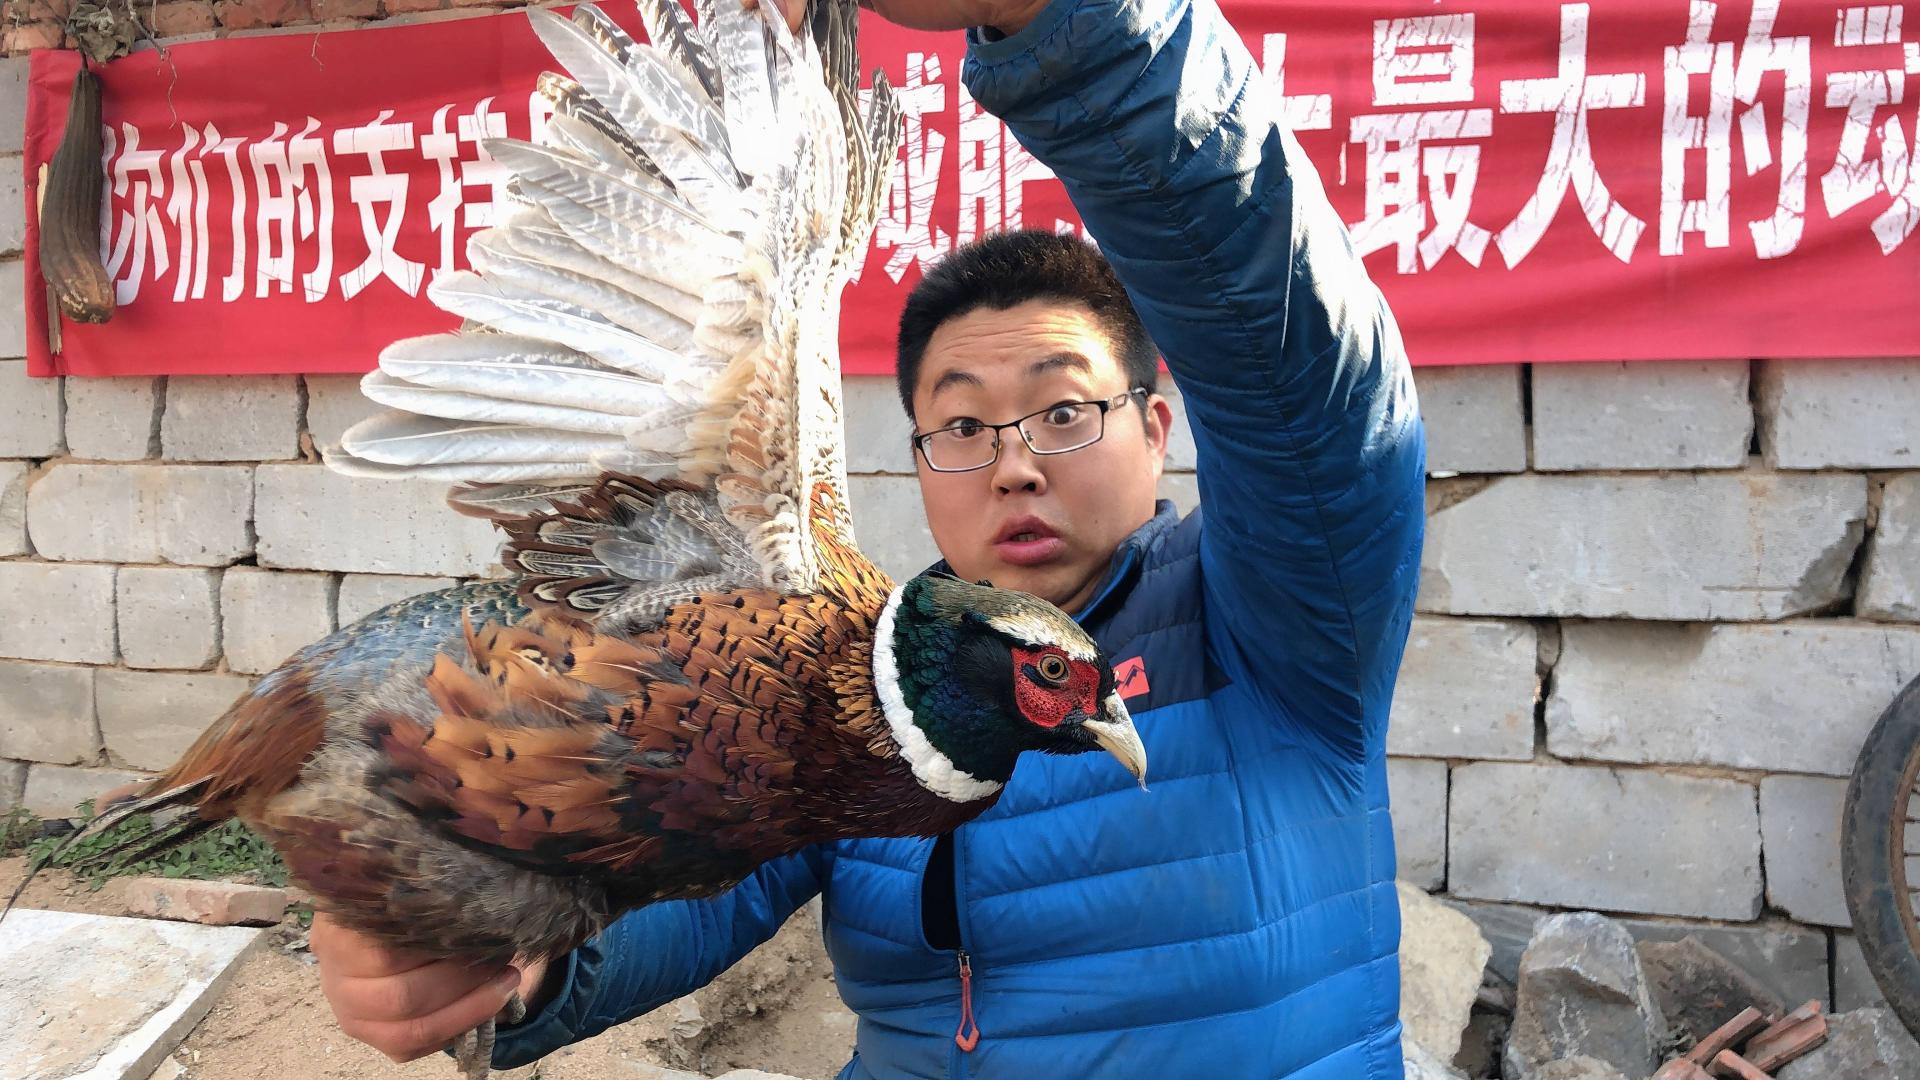 80元网购一只山鸡,不炒不炸,用芥末凉拌着吃,麻辣又过瘾